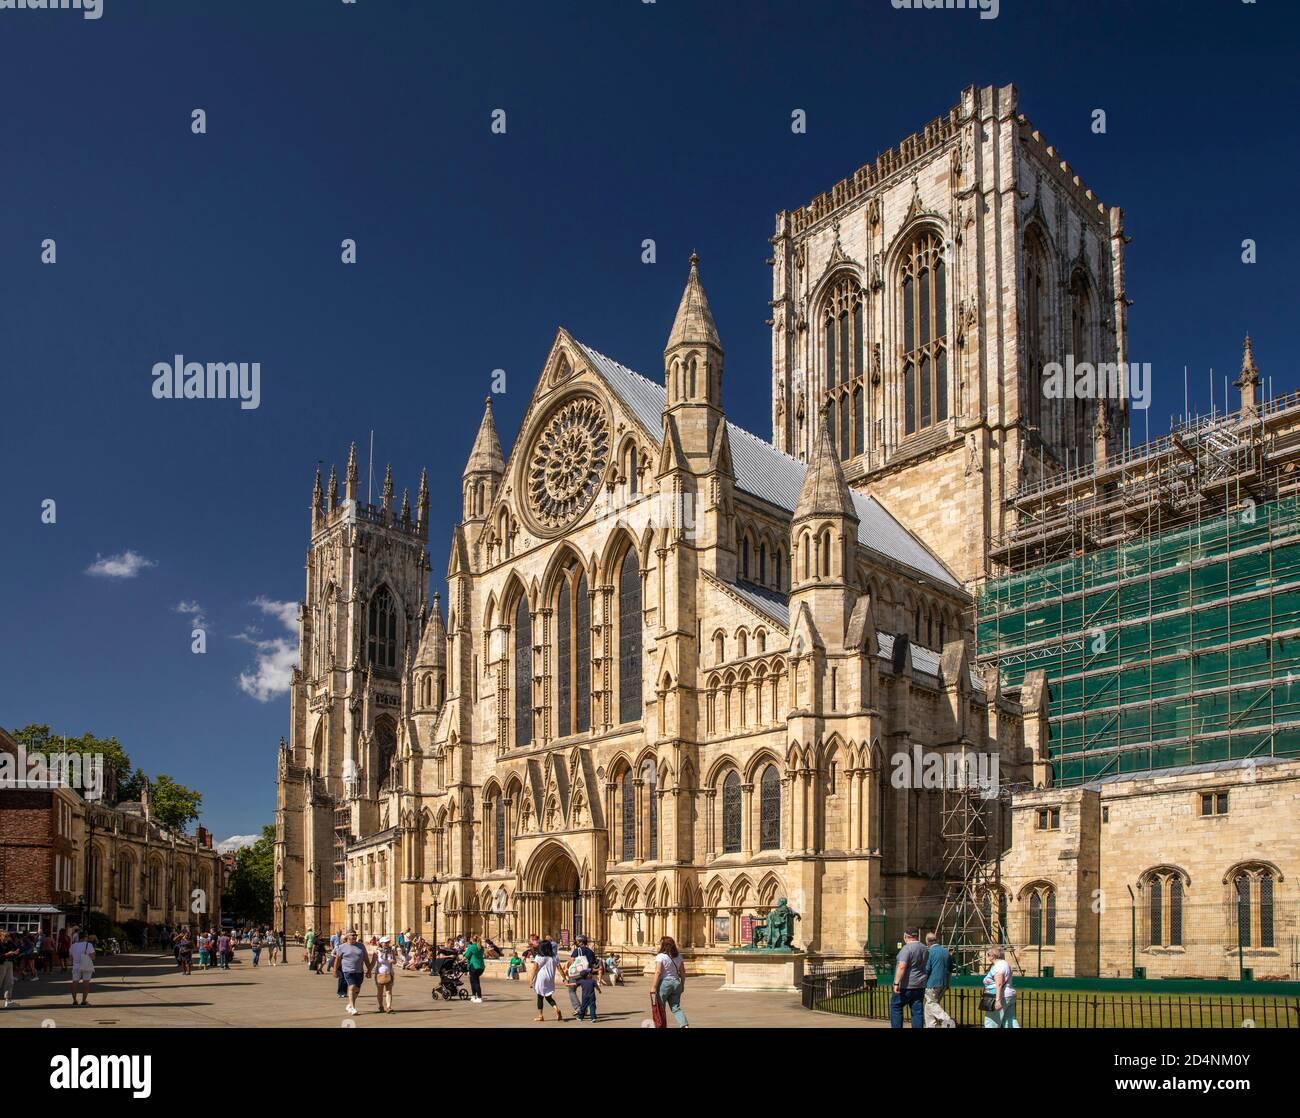 Royaume-Uni, Angleterre, Yorkshire, York Minster, les visiteurs en dehors du Sud transept au soleil Banque D'Images